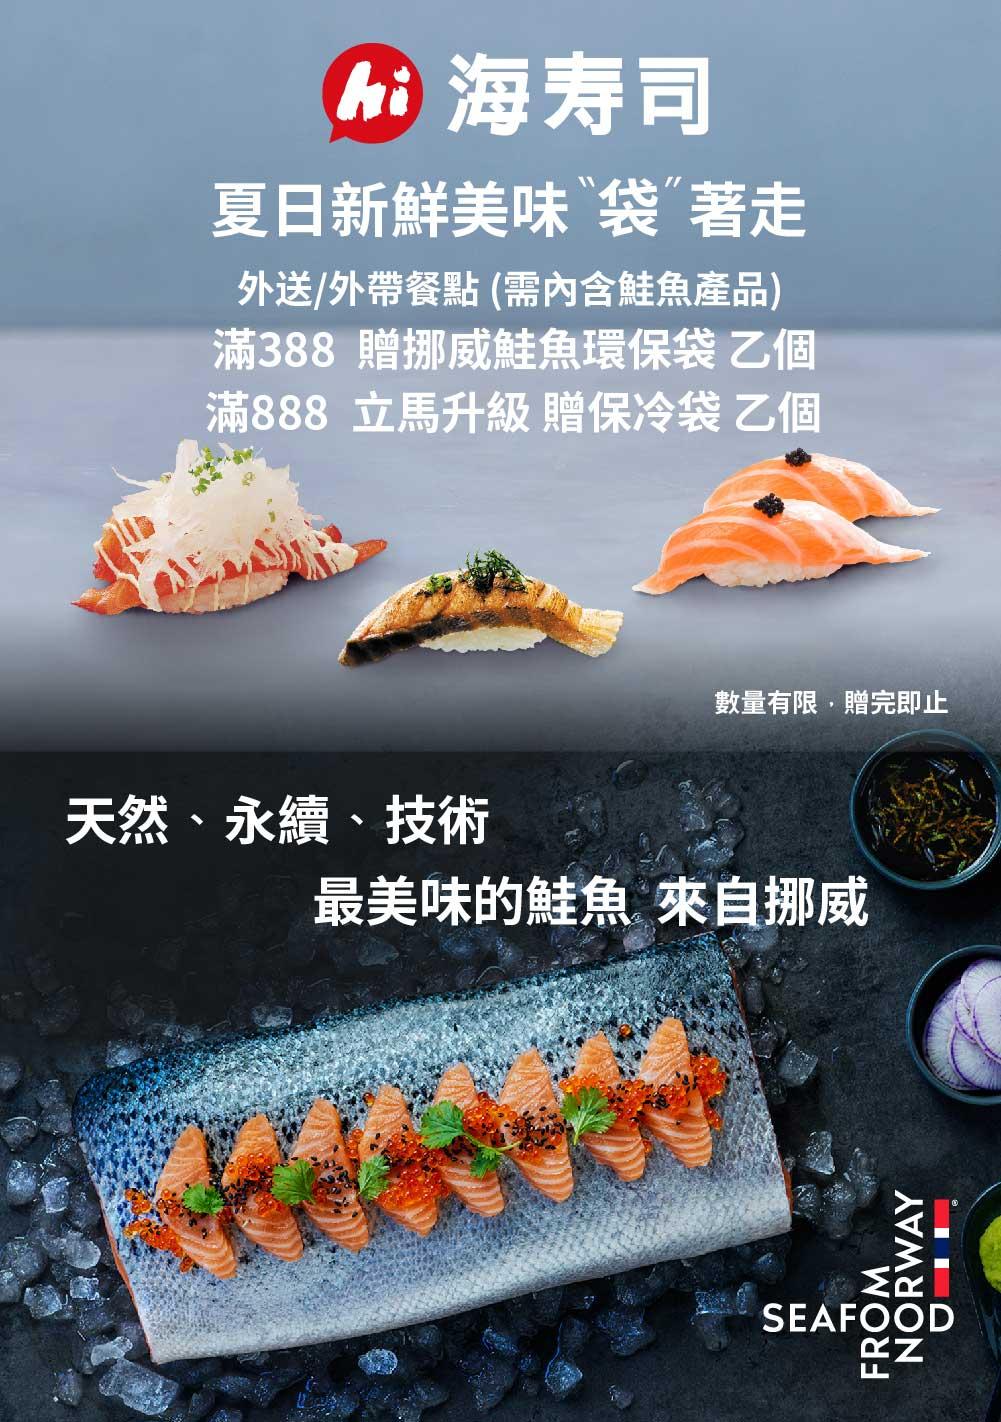 現在來 海壽司HiSushi 外帶或外送  將挪威鮭魚餐點帶回家,就能爽拿好禮啦!